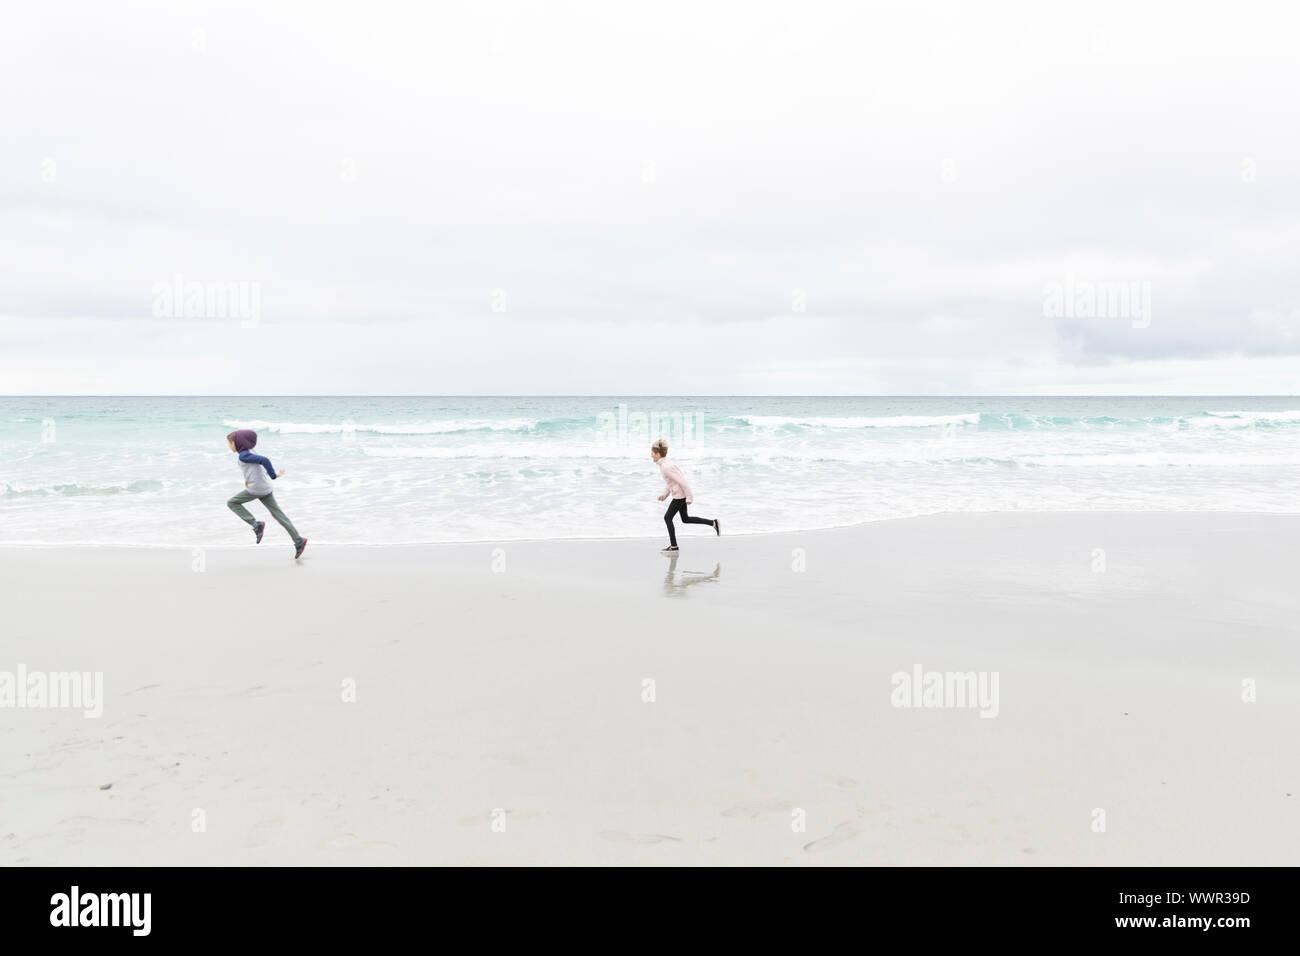 Jeune garçon et fille courir sur la plage de Carmel, Californie Banque D'Images